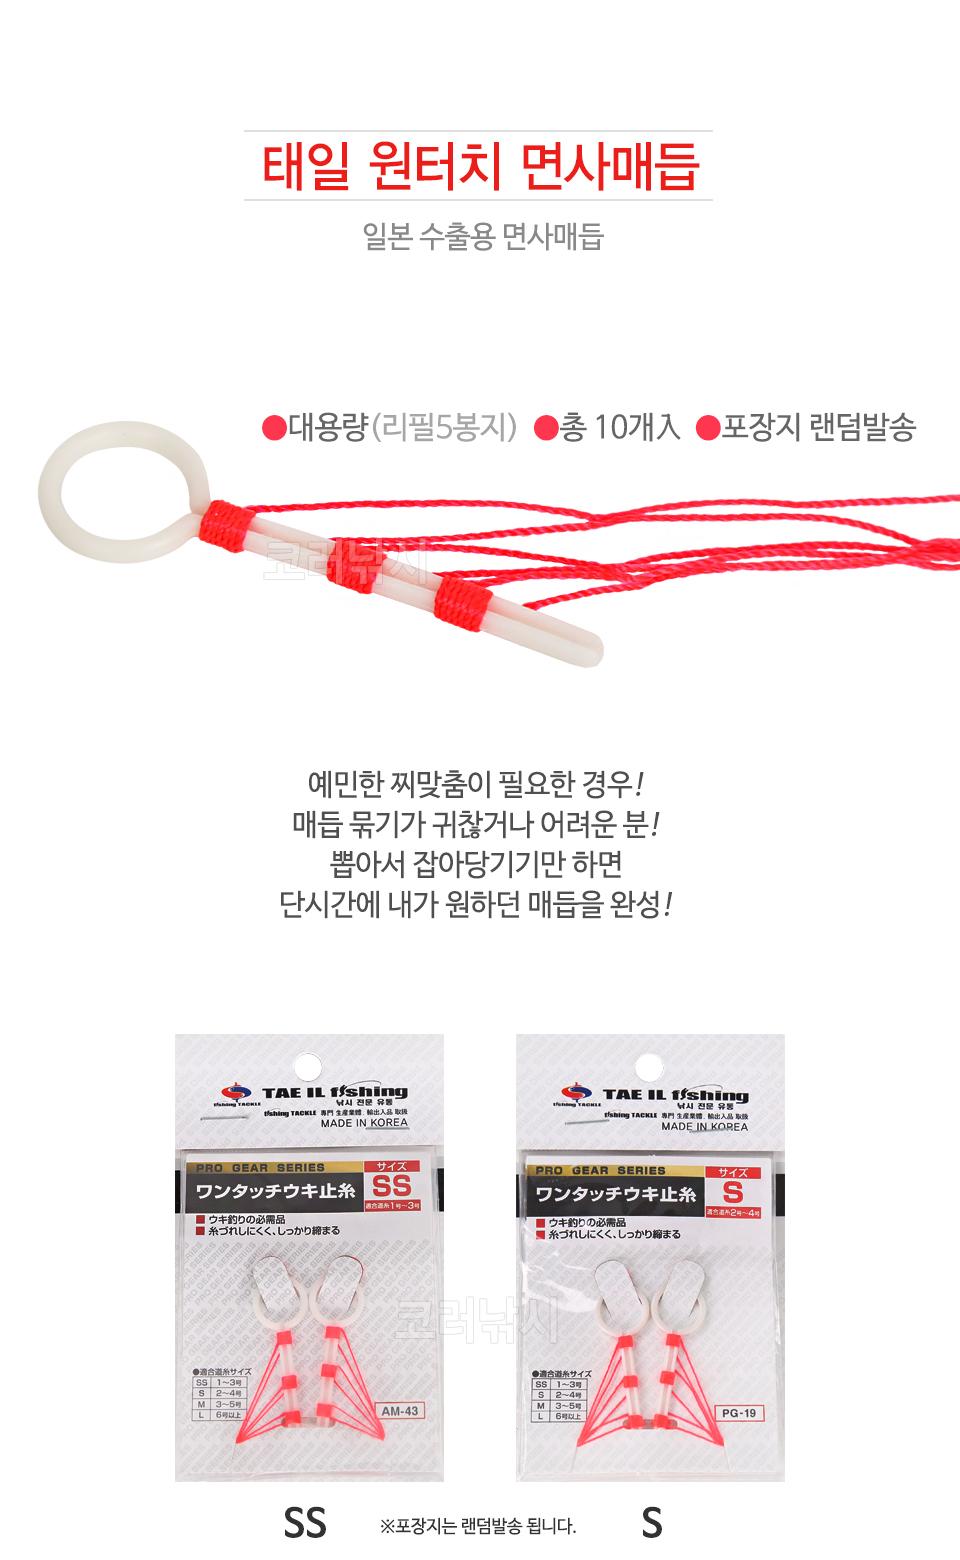 태일 원터치 우끼도메이또 (원터치 면사매듭) (MADE IN KOREA) 면사매듭 매듭채비 반유동면사 면실